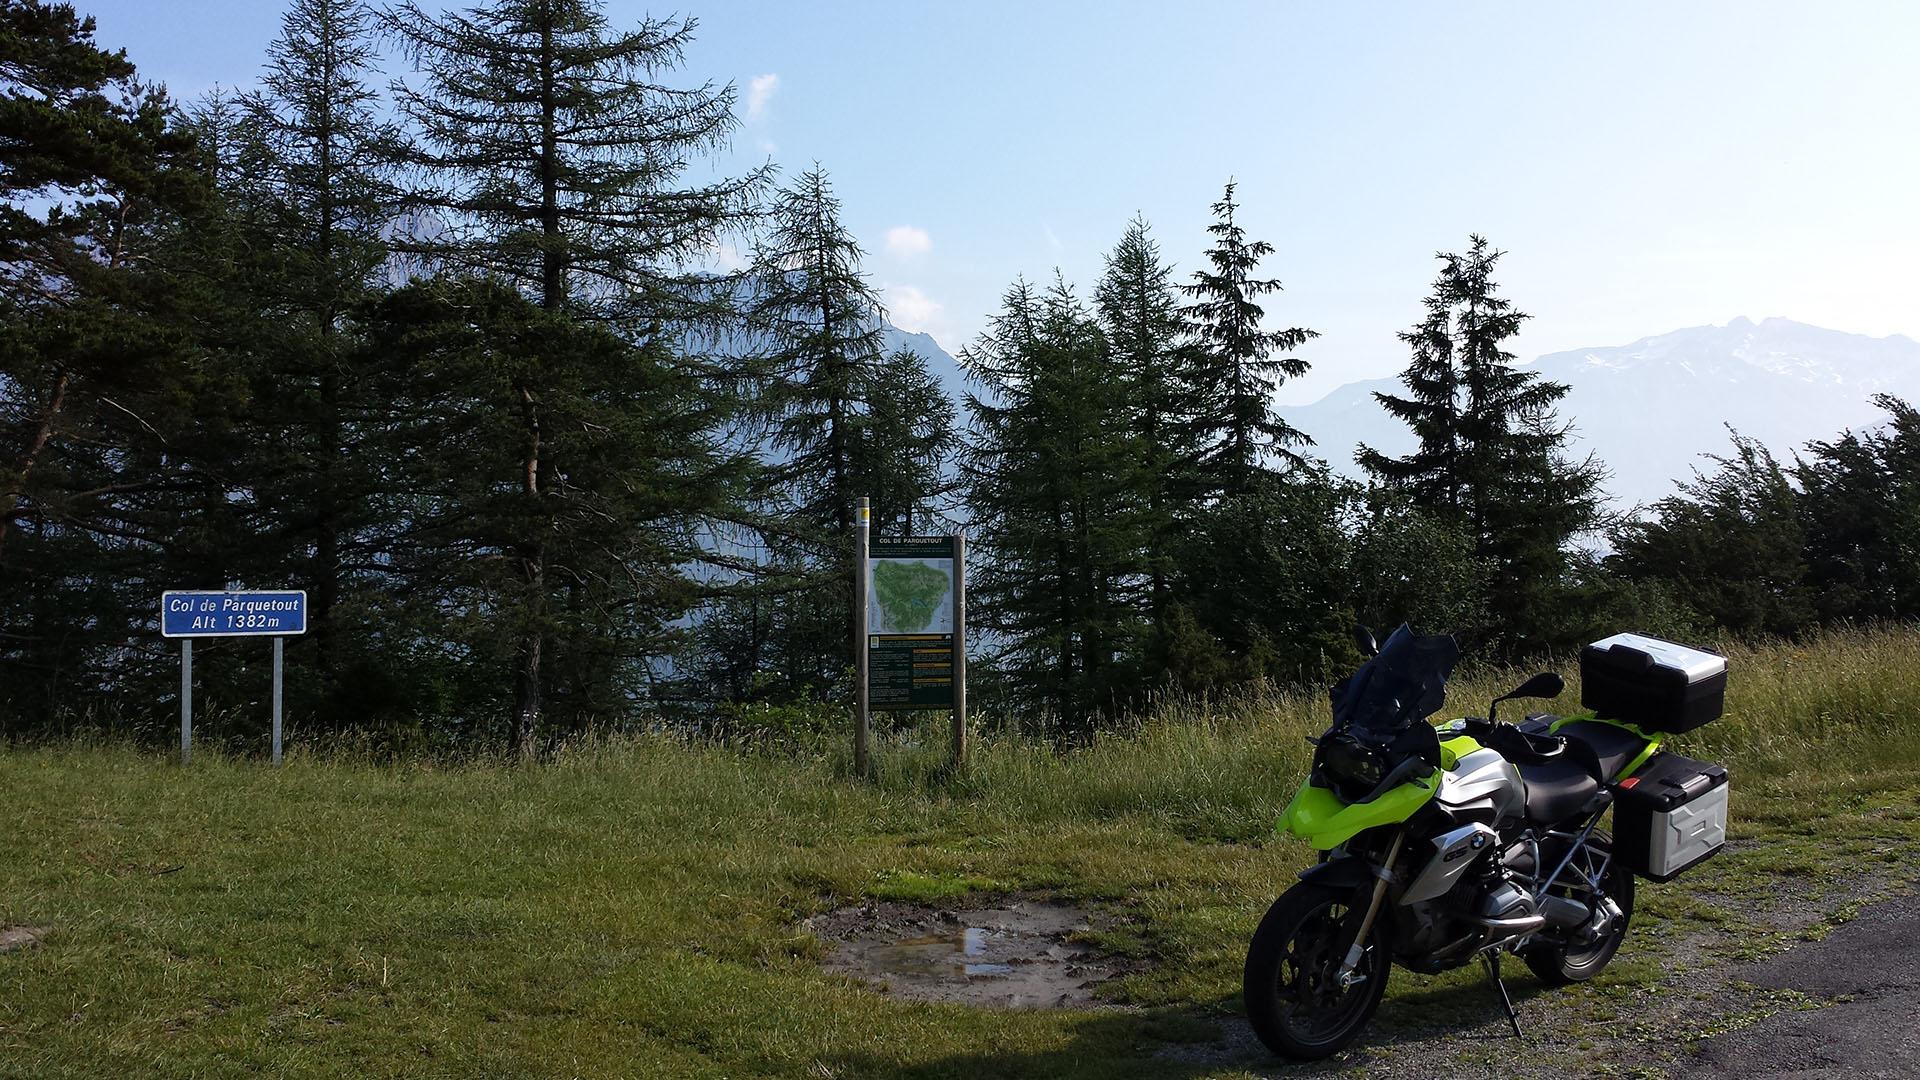 1382 - F - Col de Parquetout